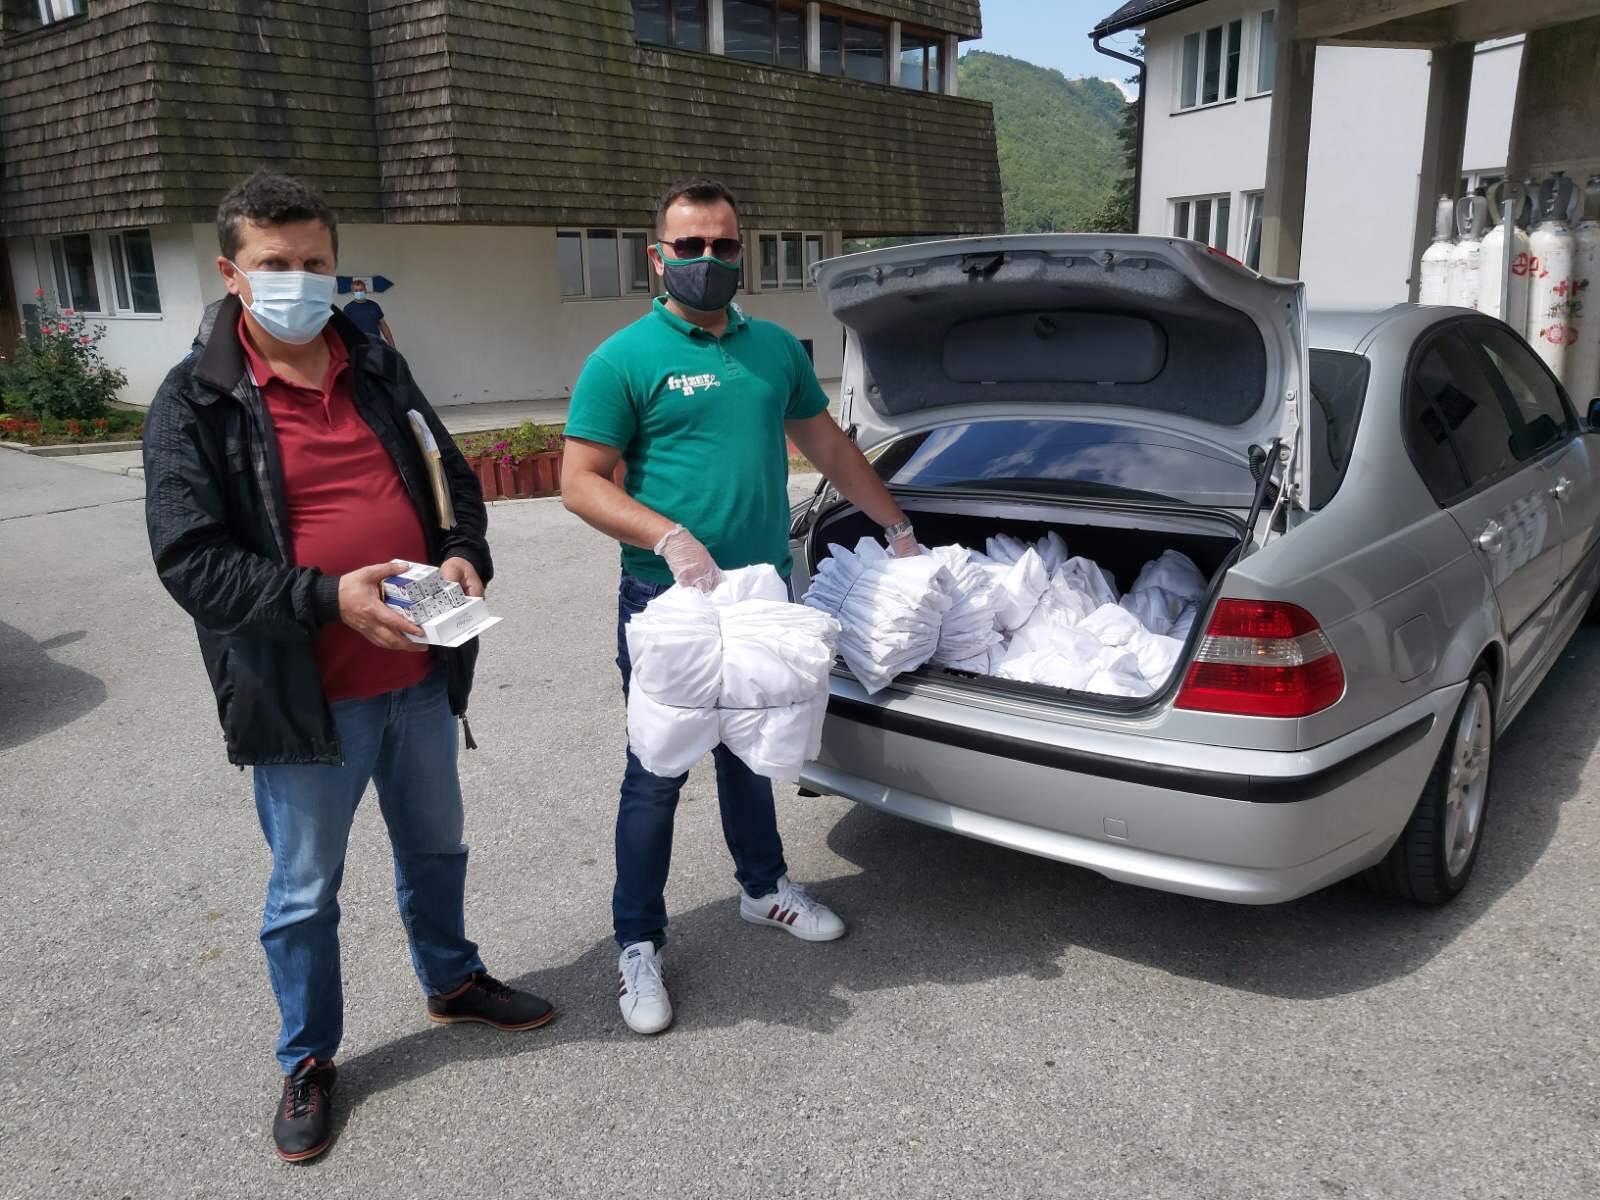 Donacijama pomažu u borbi protiv pandemije